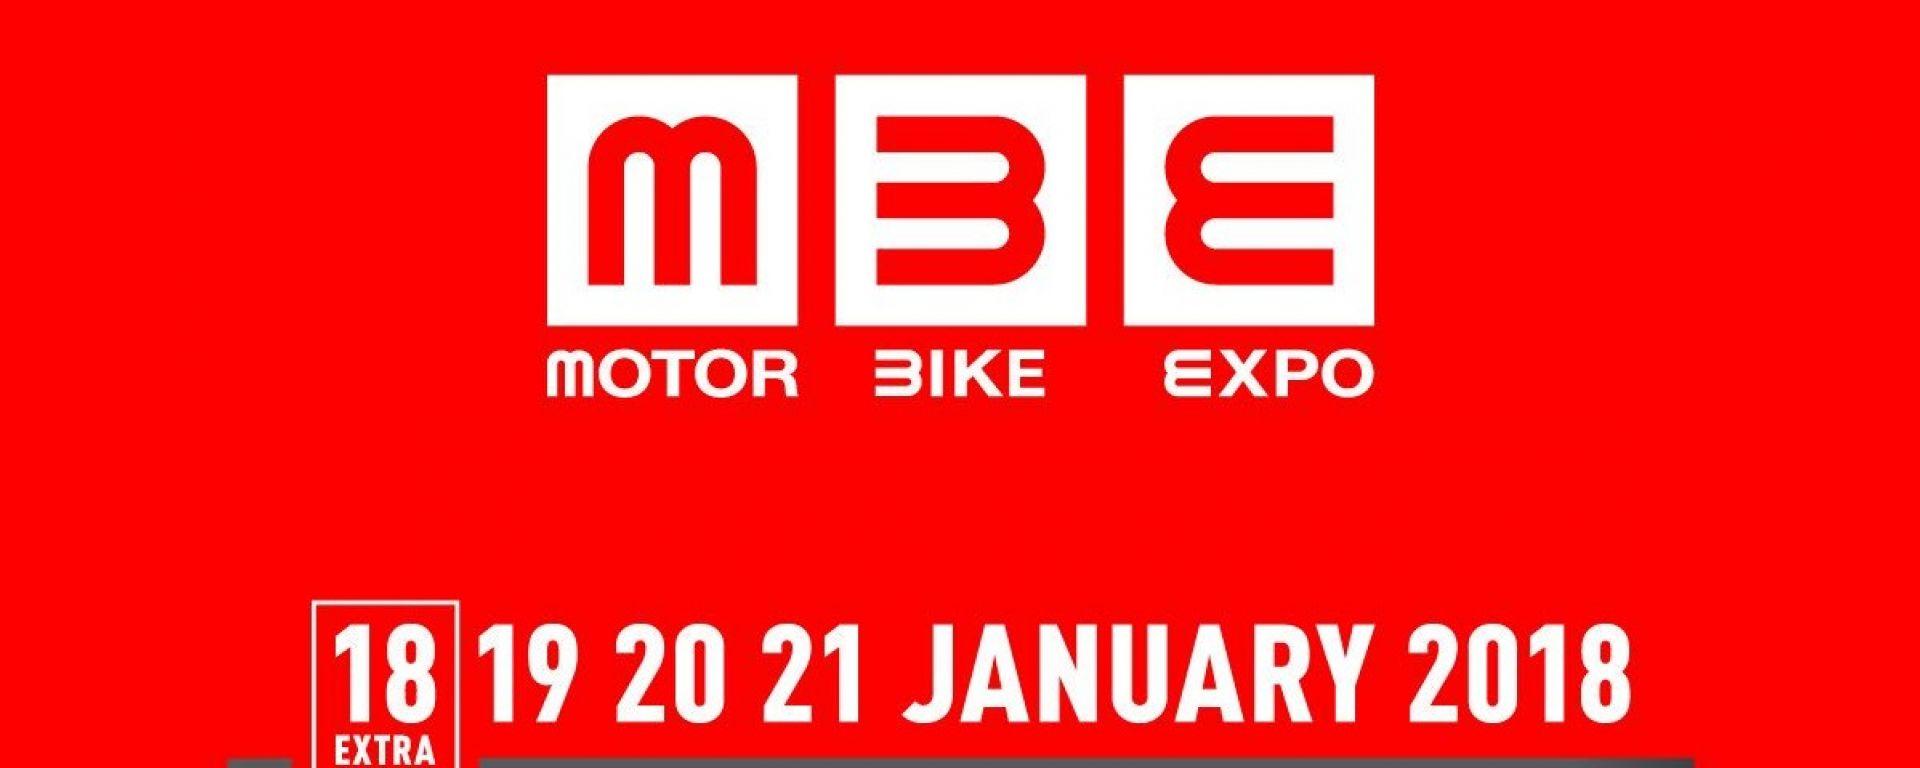 Motor Bike Expo 2019: tutte le informazioni che ti servono